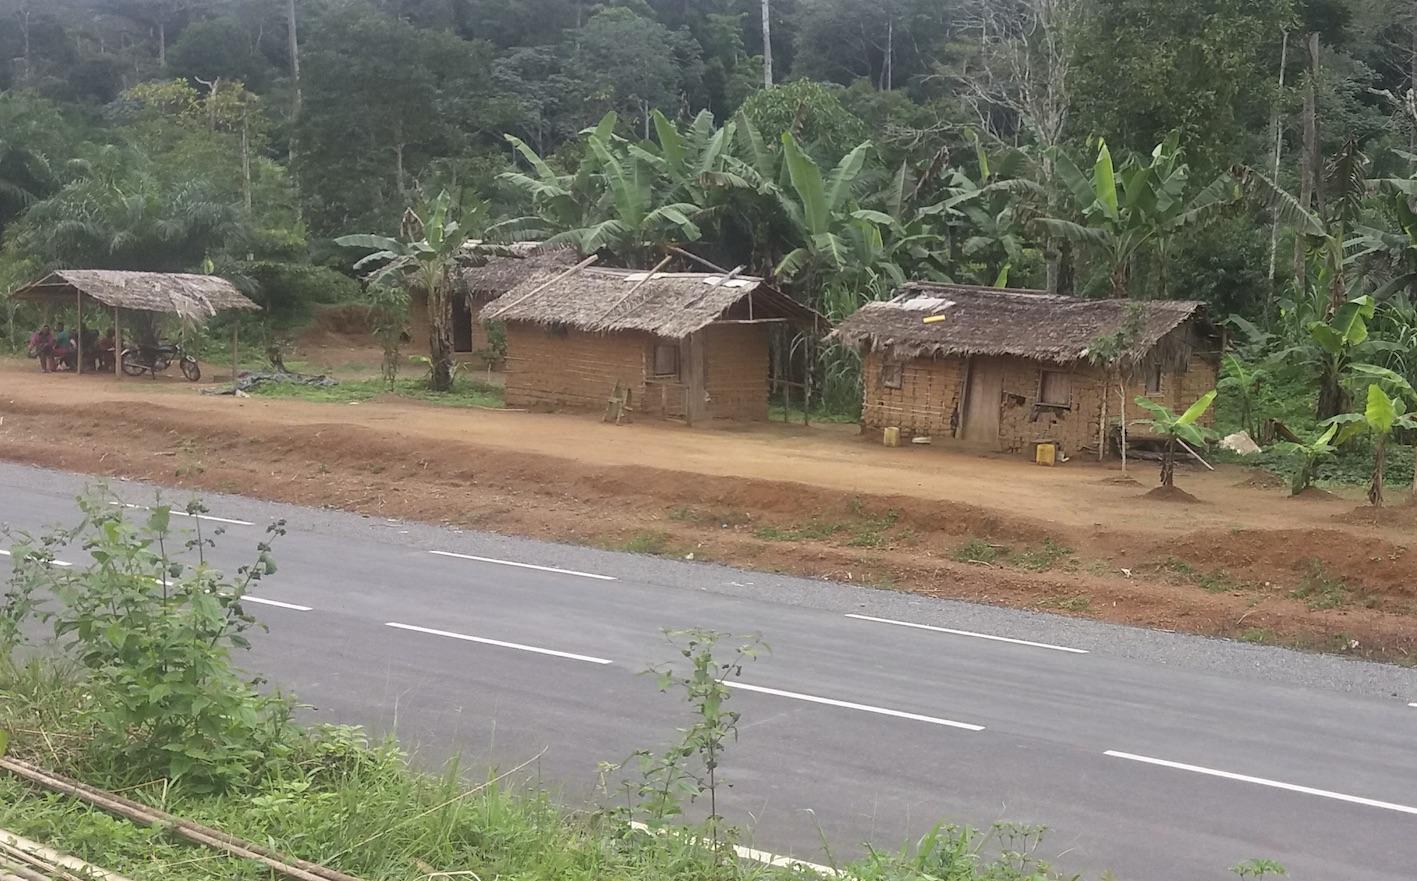 Poto-poto houses